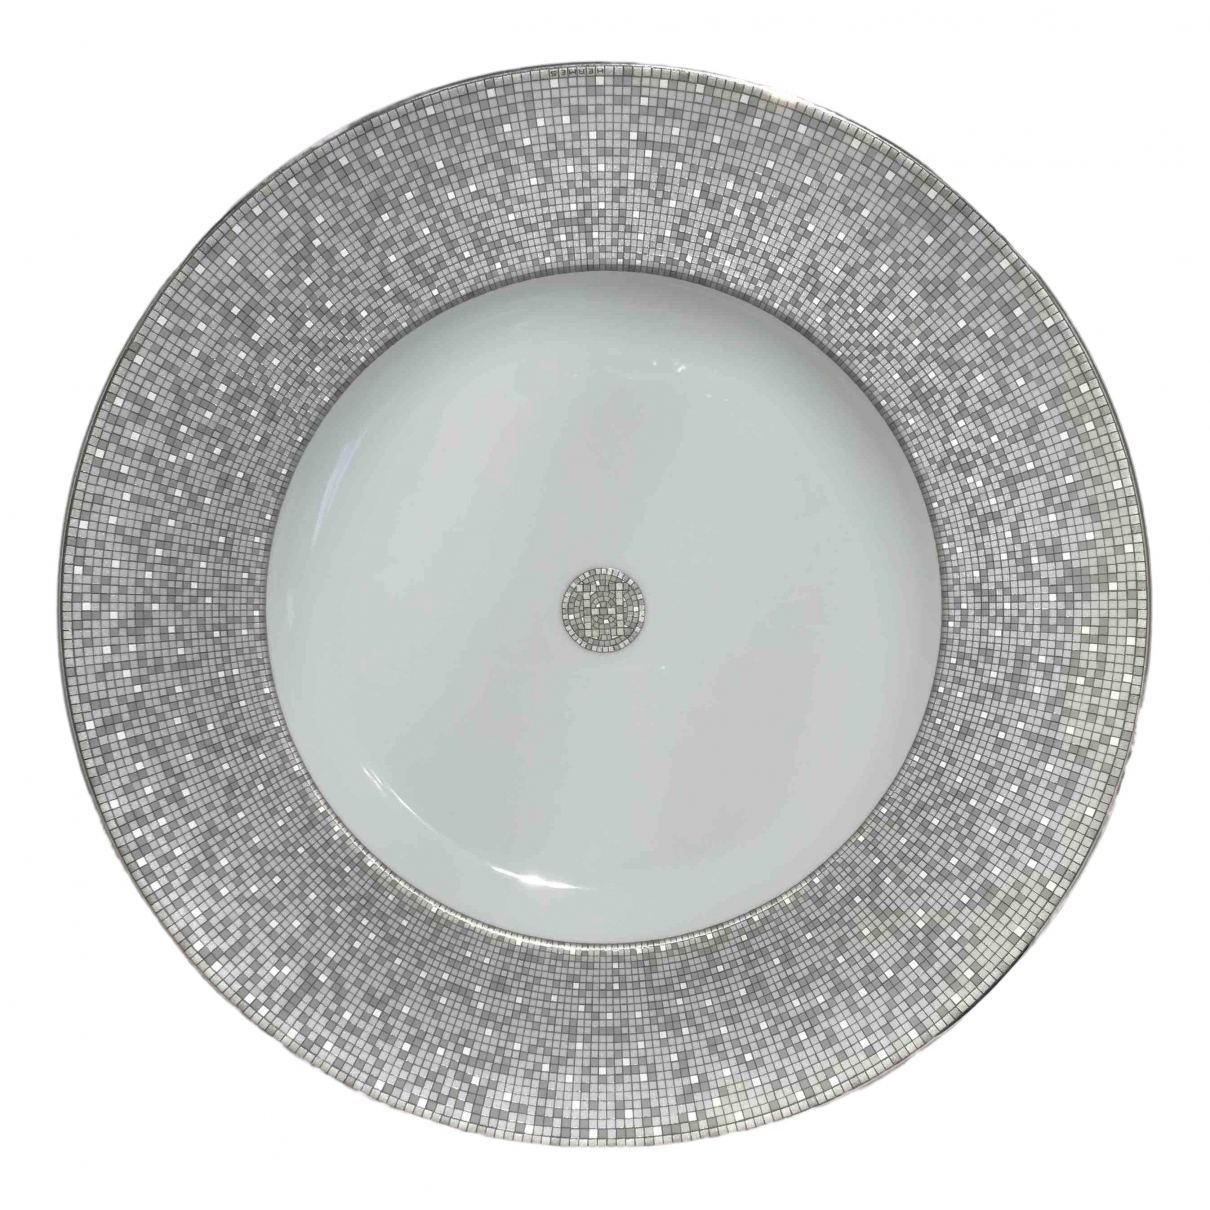 Hermes Mosaique au 24 Tischkultur in  Silber Porzellan